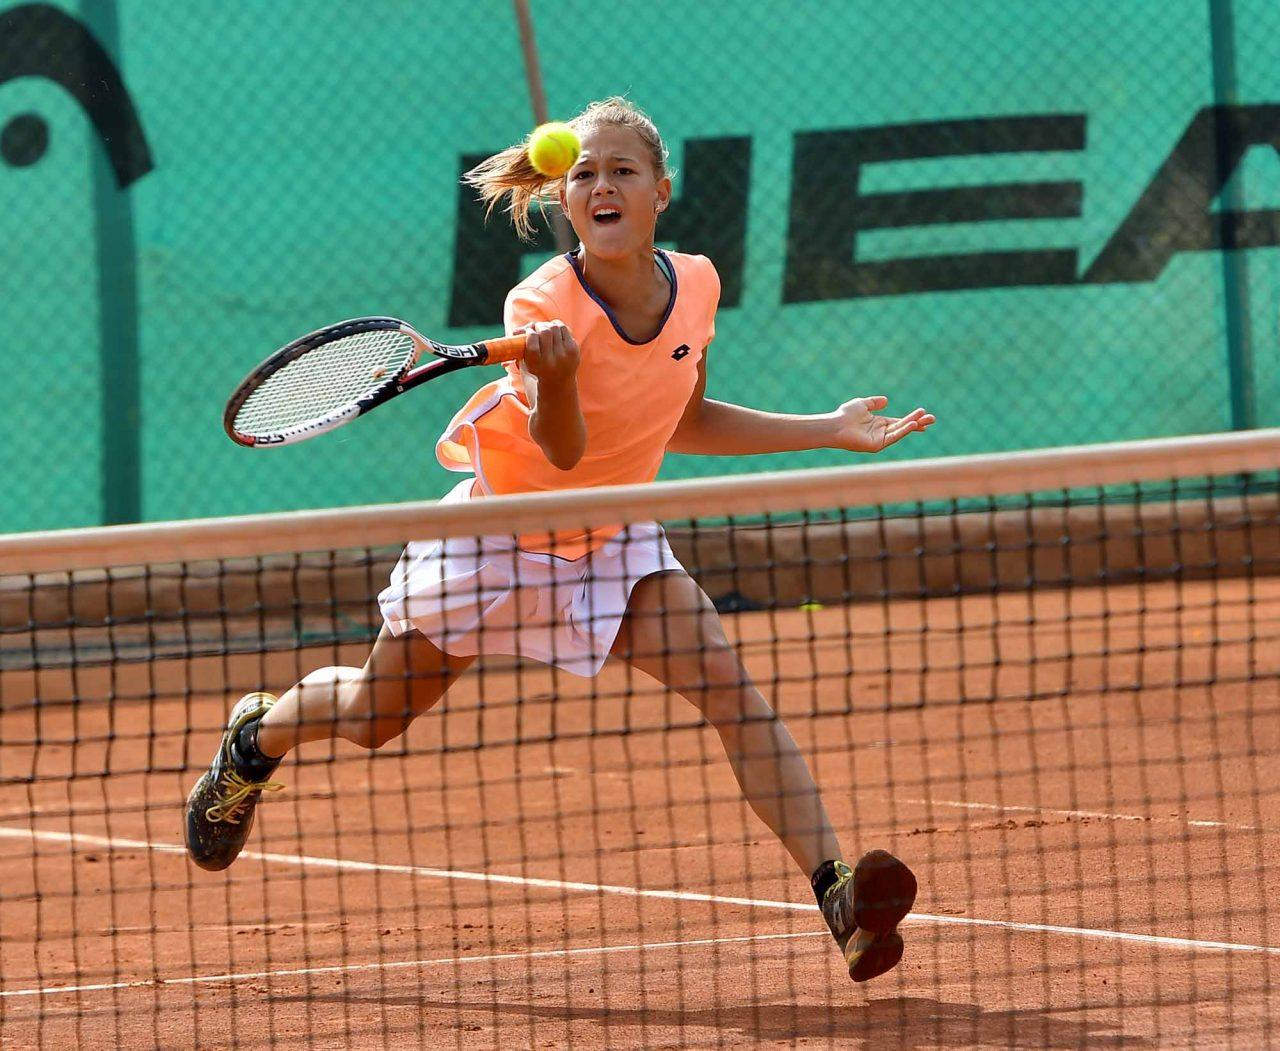 Държавно първенство тенис до 14 год. ТК 15-40 полуфинал (39)